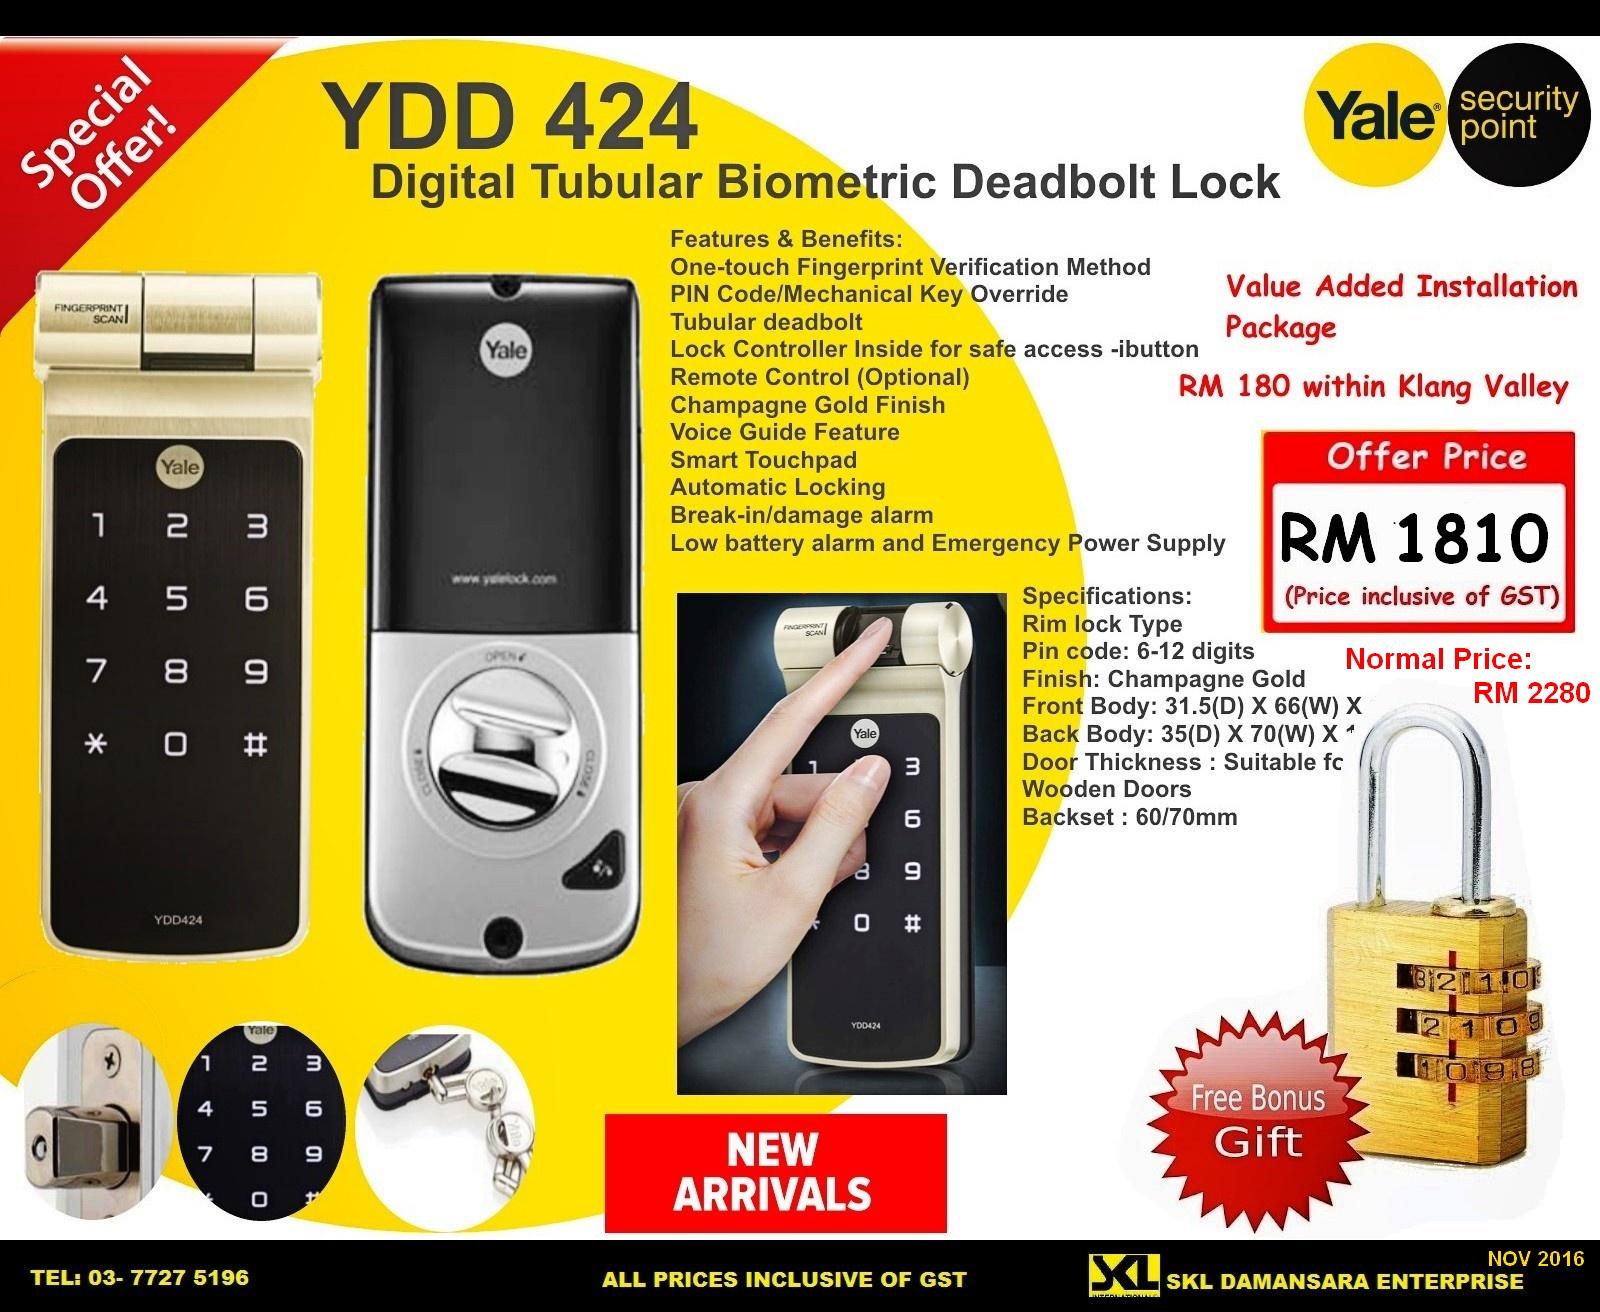 digital sentinel of rain for rim doors cover wp gateman image secure yale door box lock